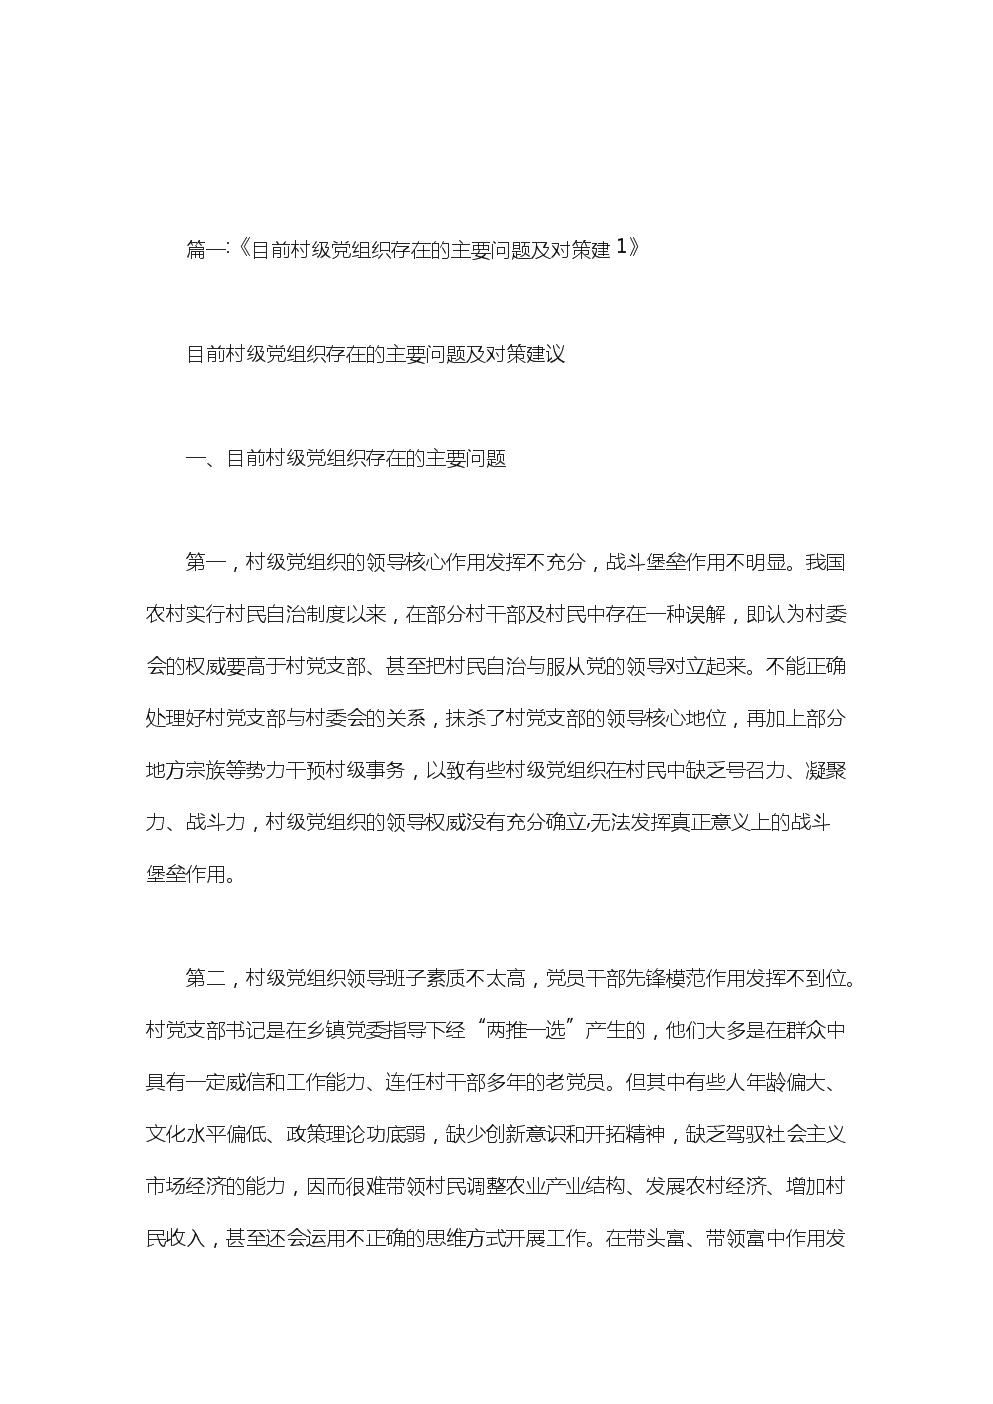 村级党组织主要特点范文.doc